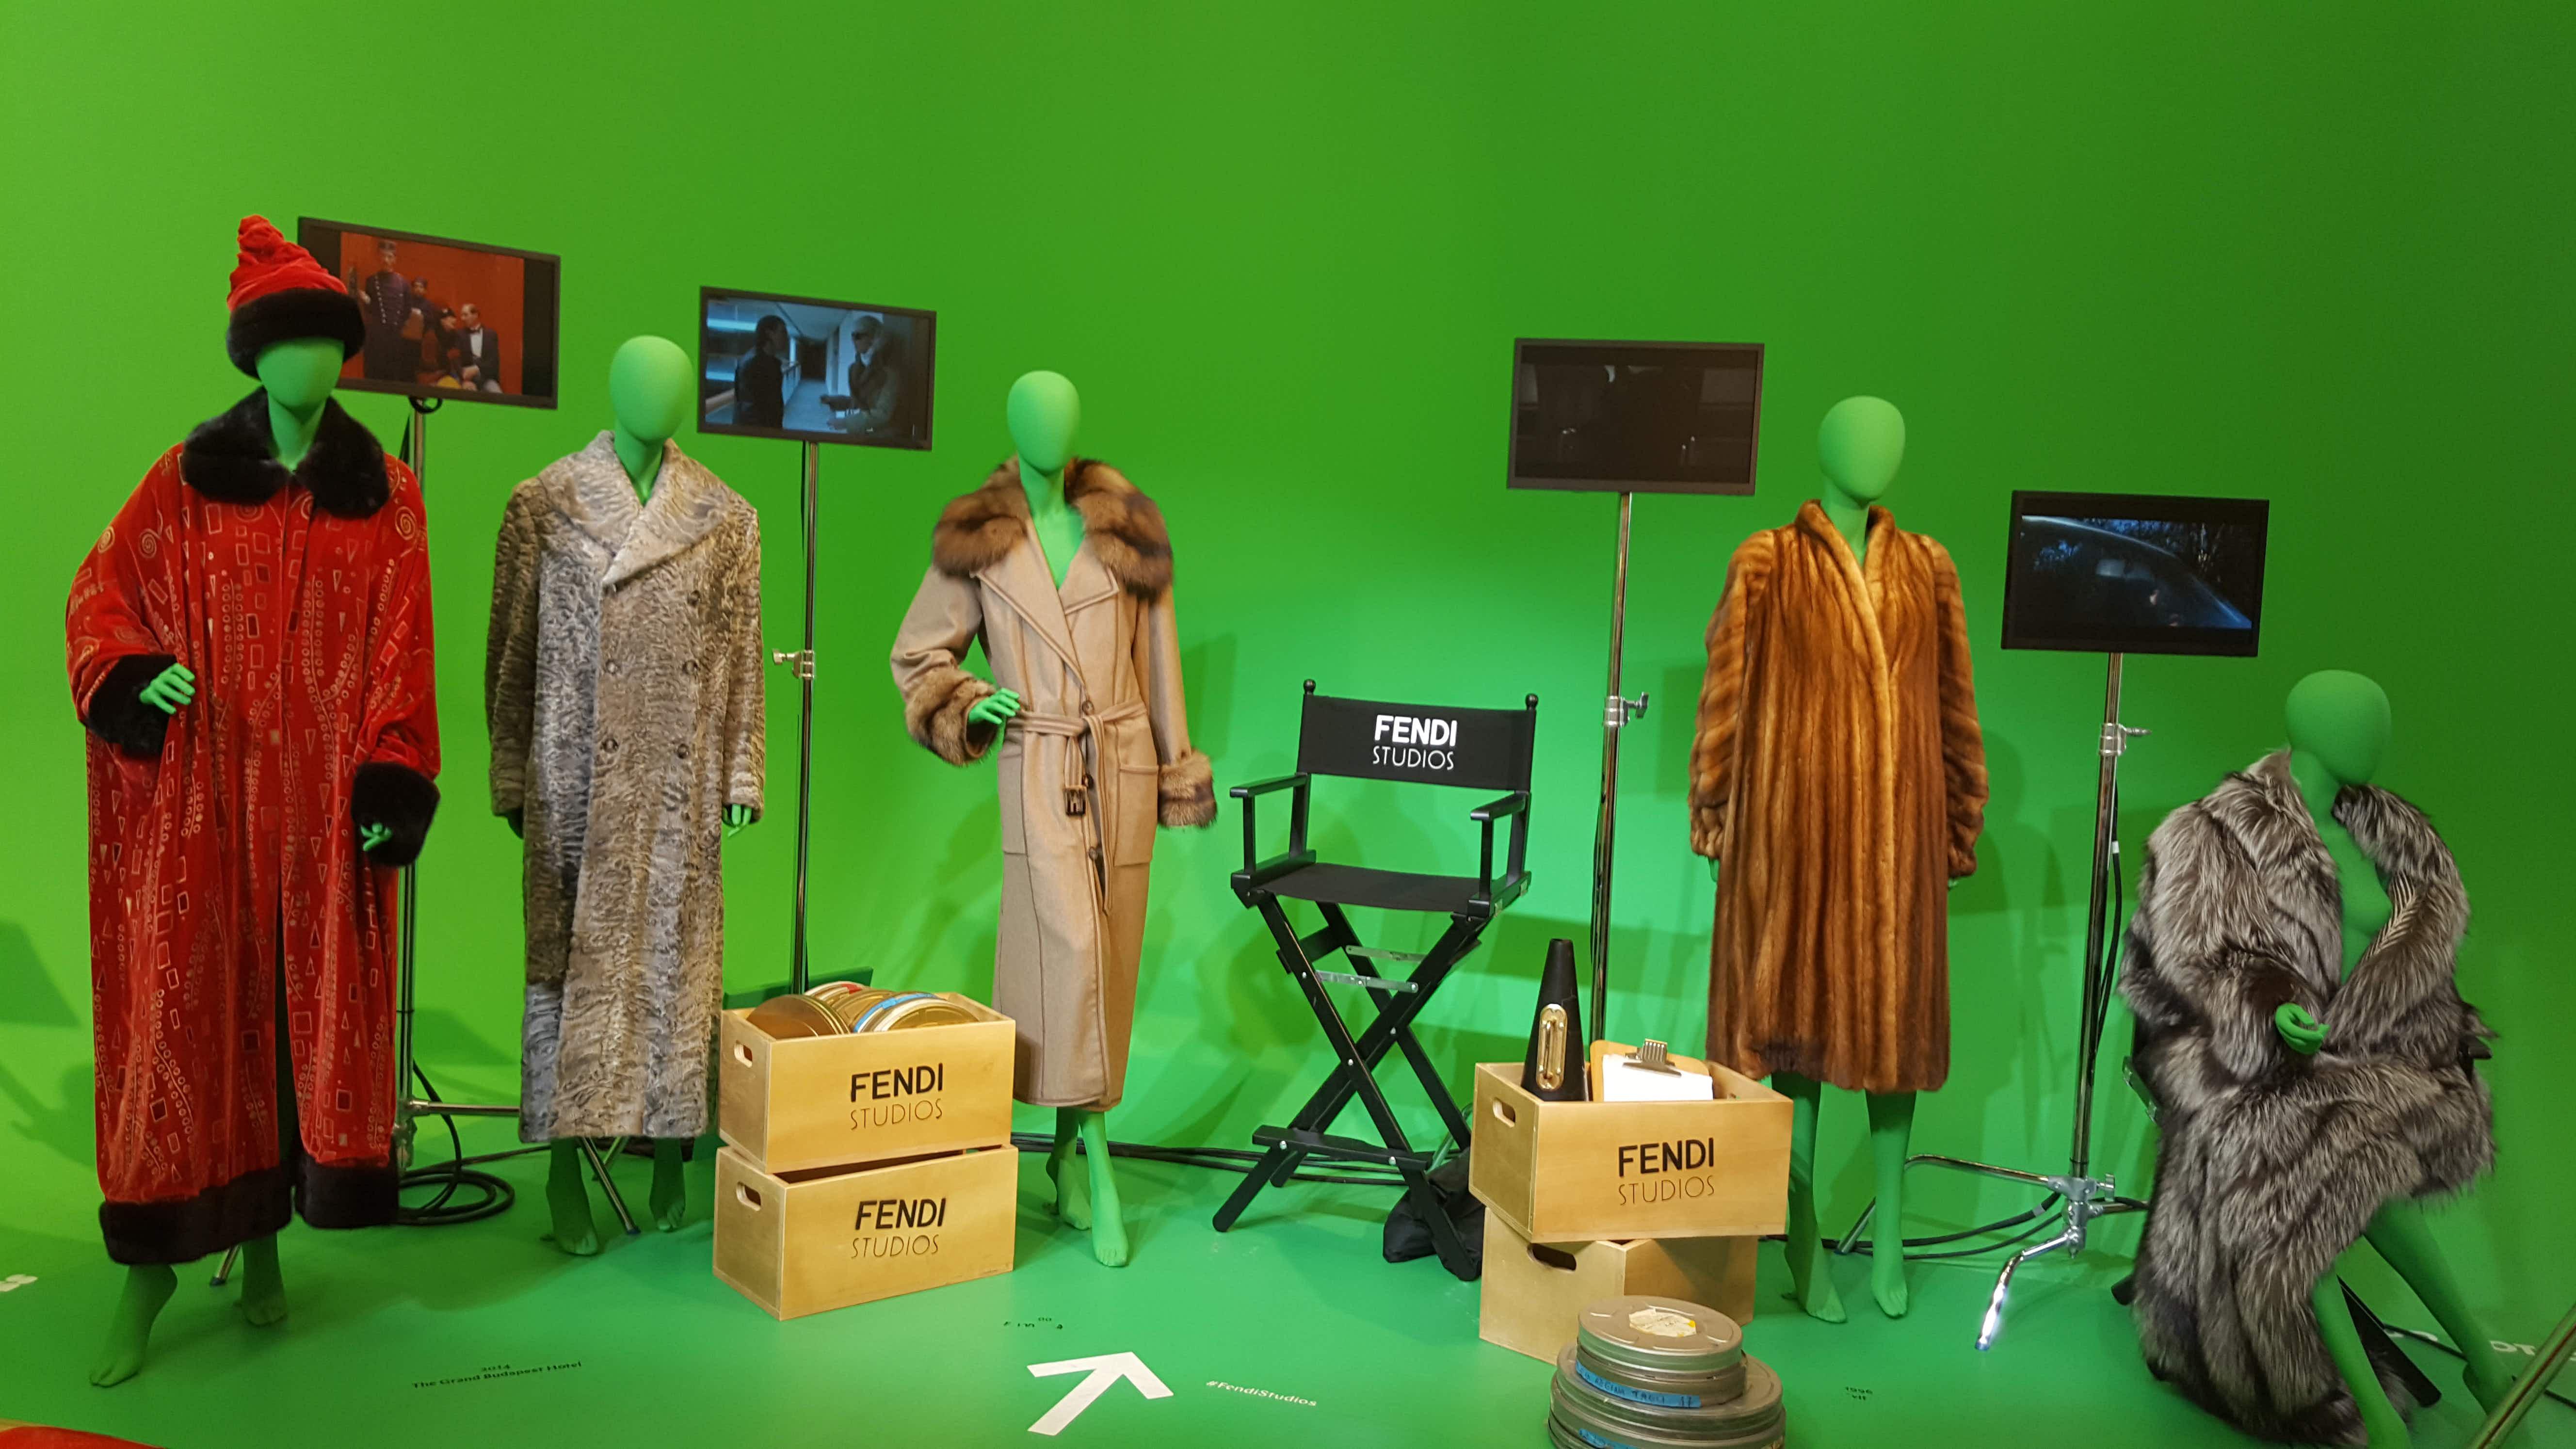 Fendi celebrates relationship with cinema in new Rome exhibit